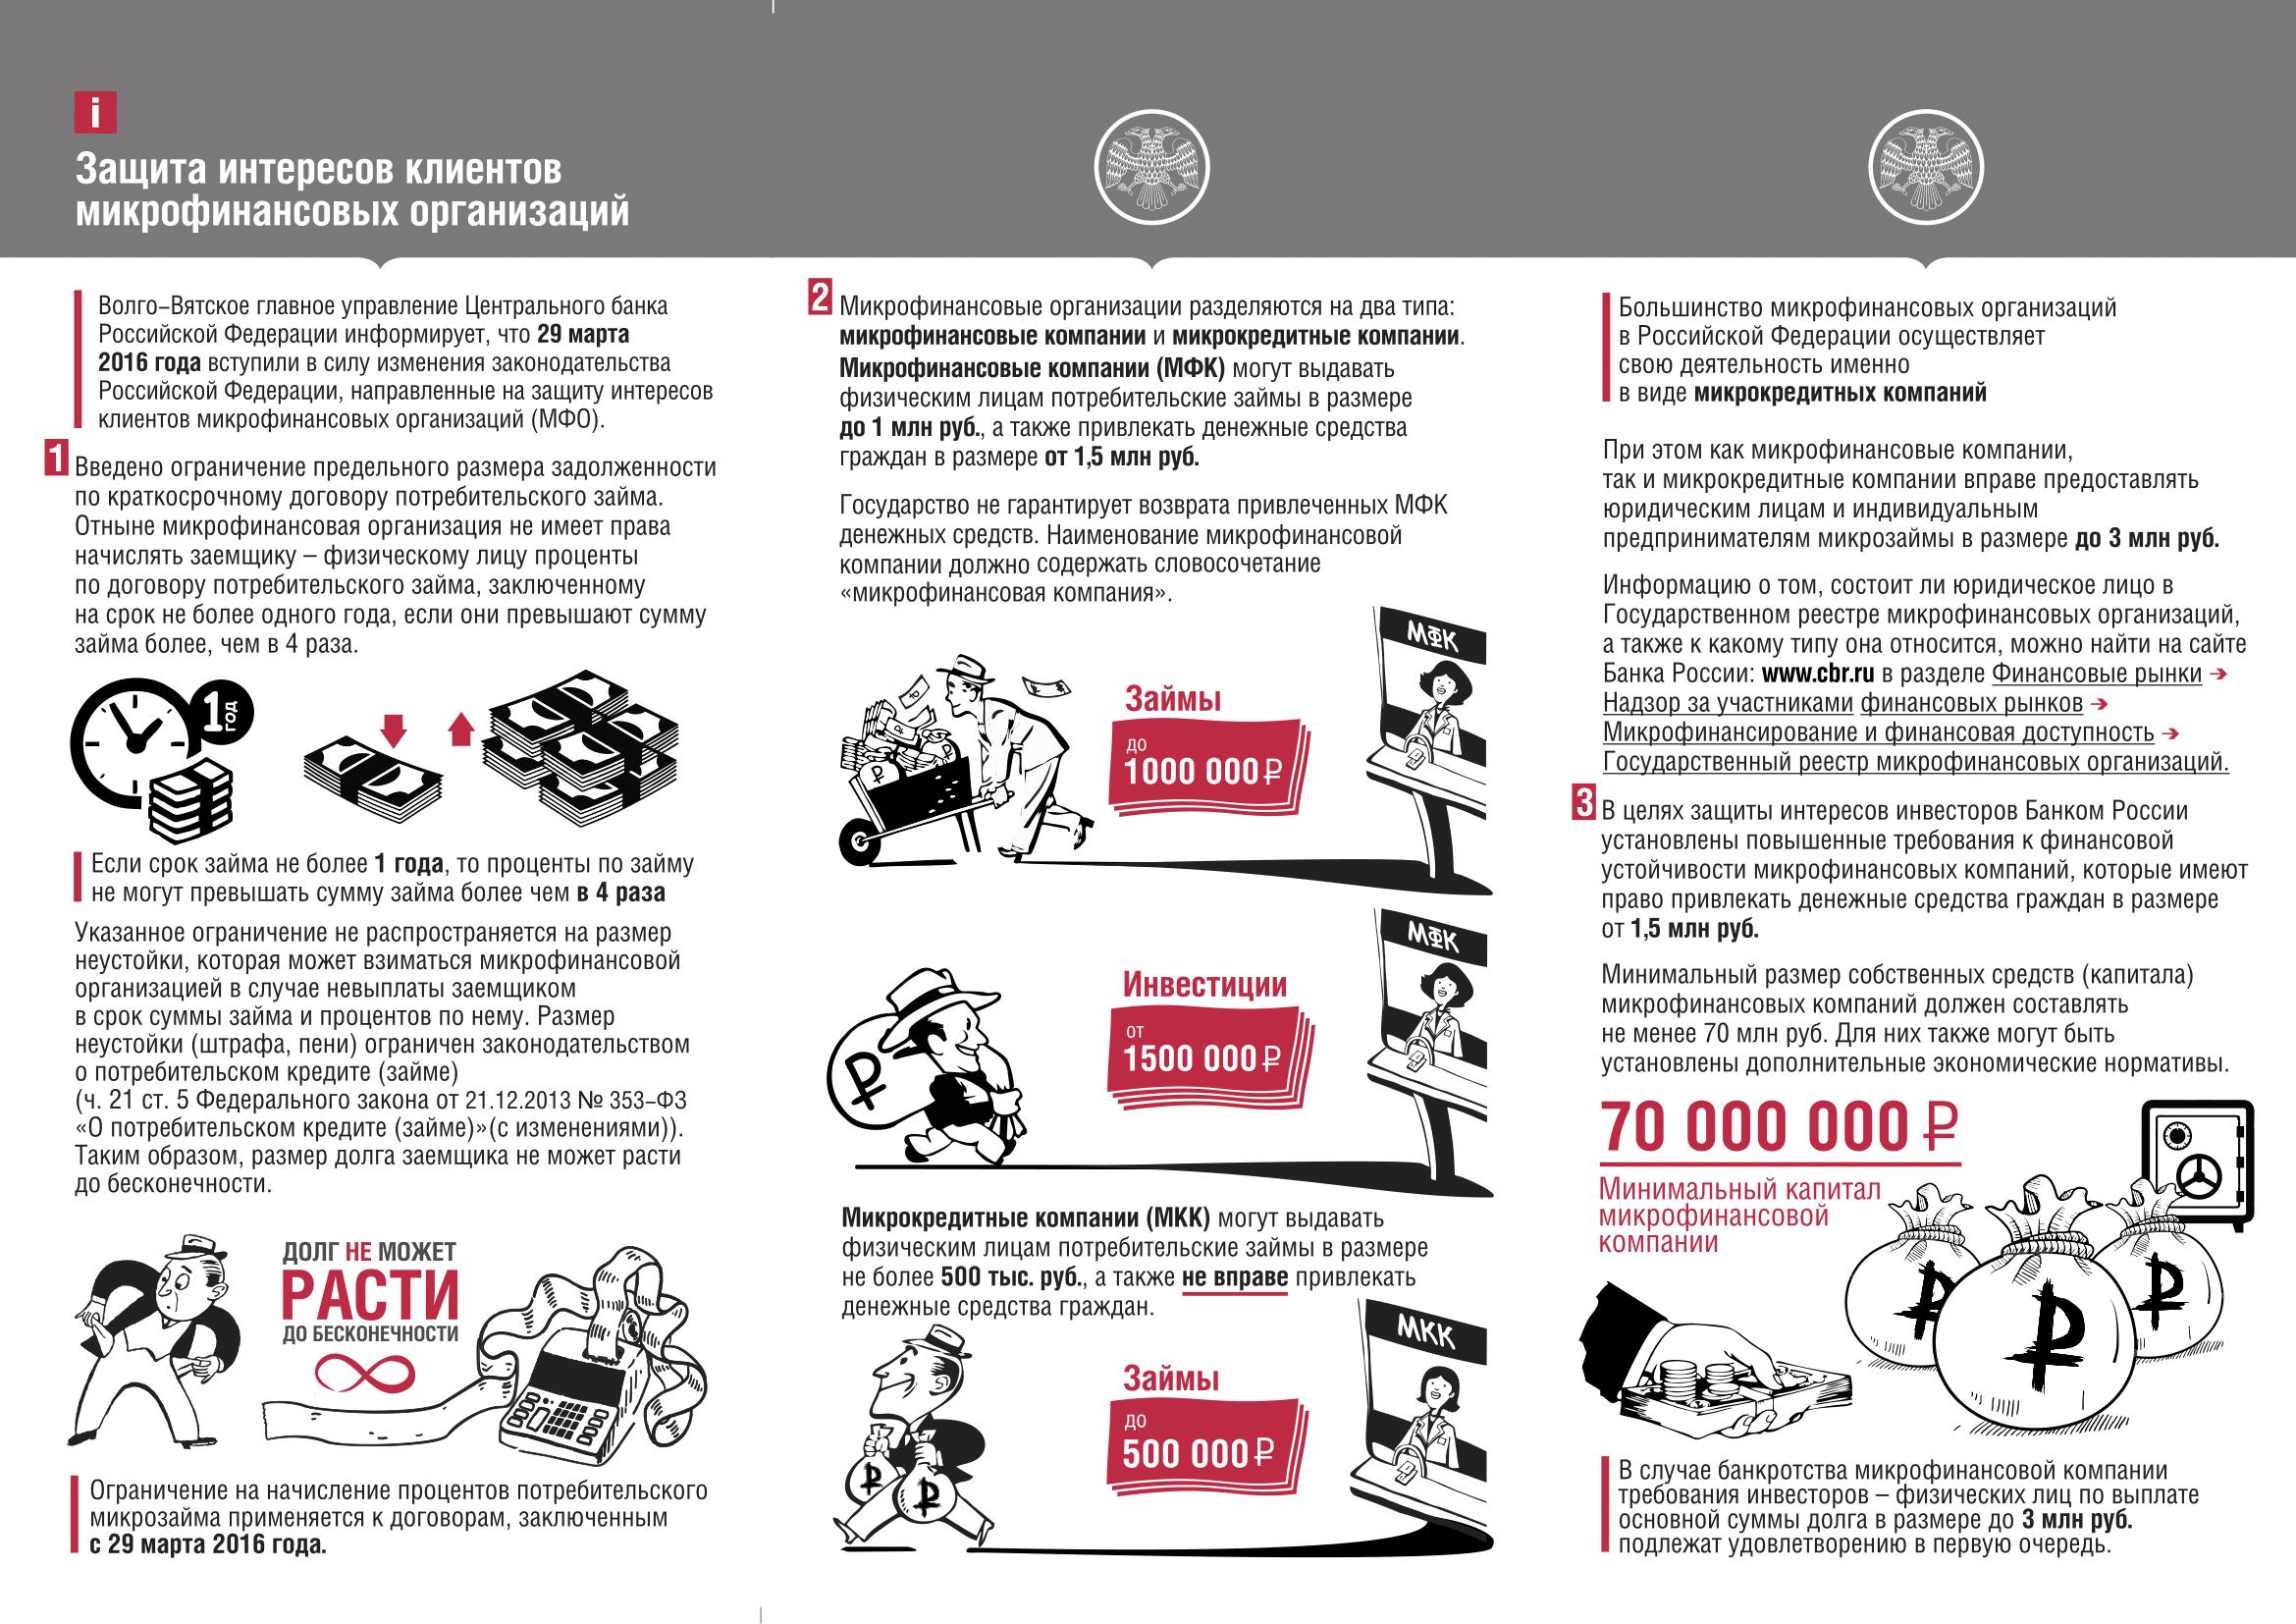 Ограничения на деятельность МФО